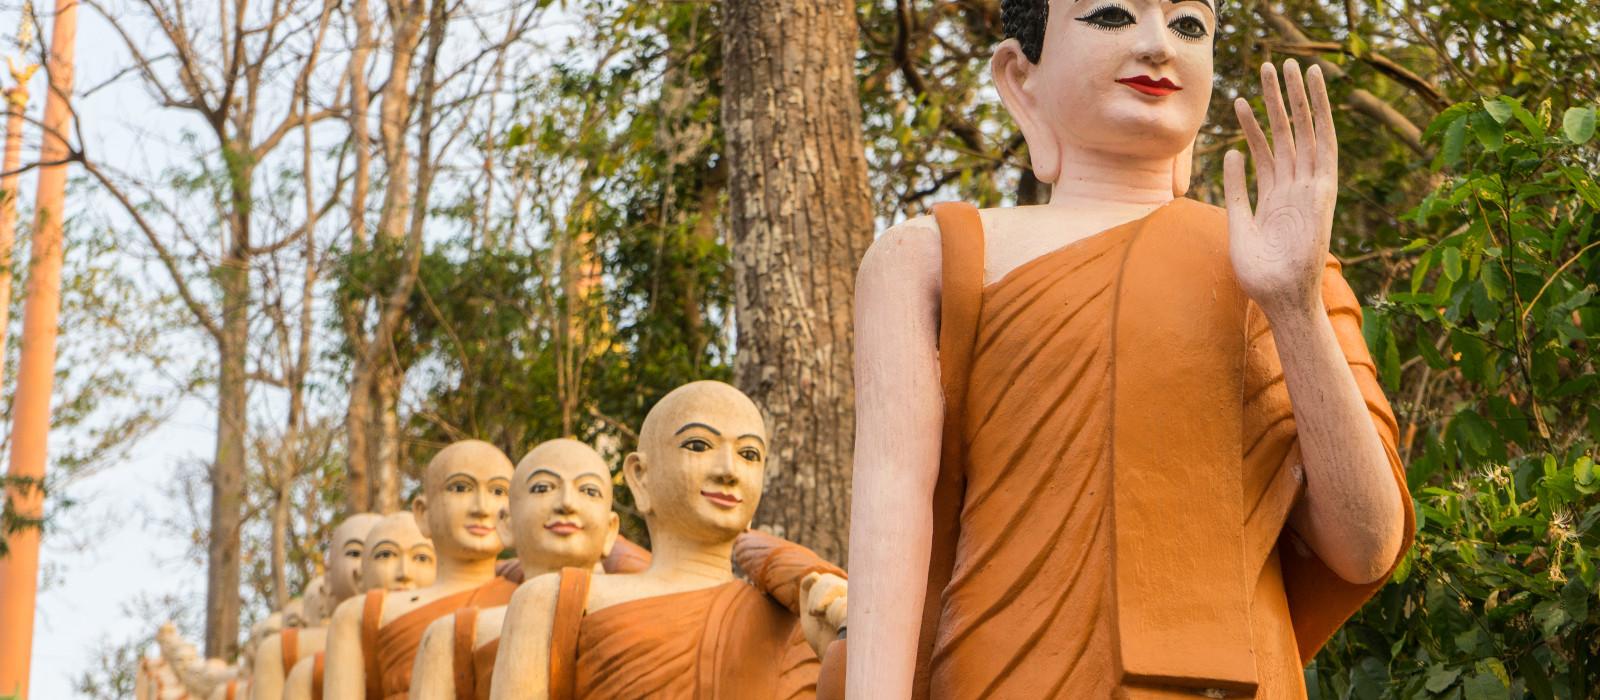 Kambodscha intensiv: Reise zu den kleinen und großen Schönheiten Urlaub 1